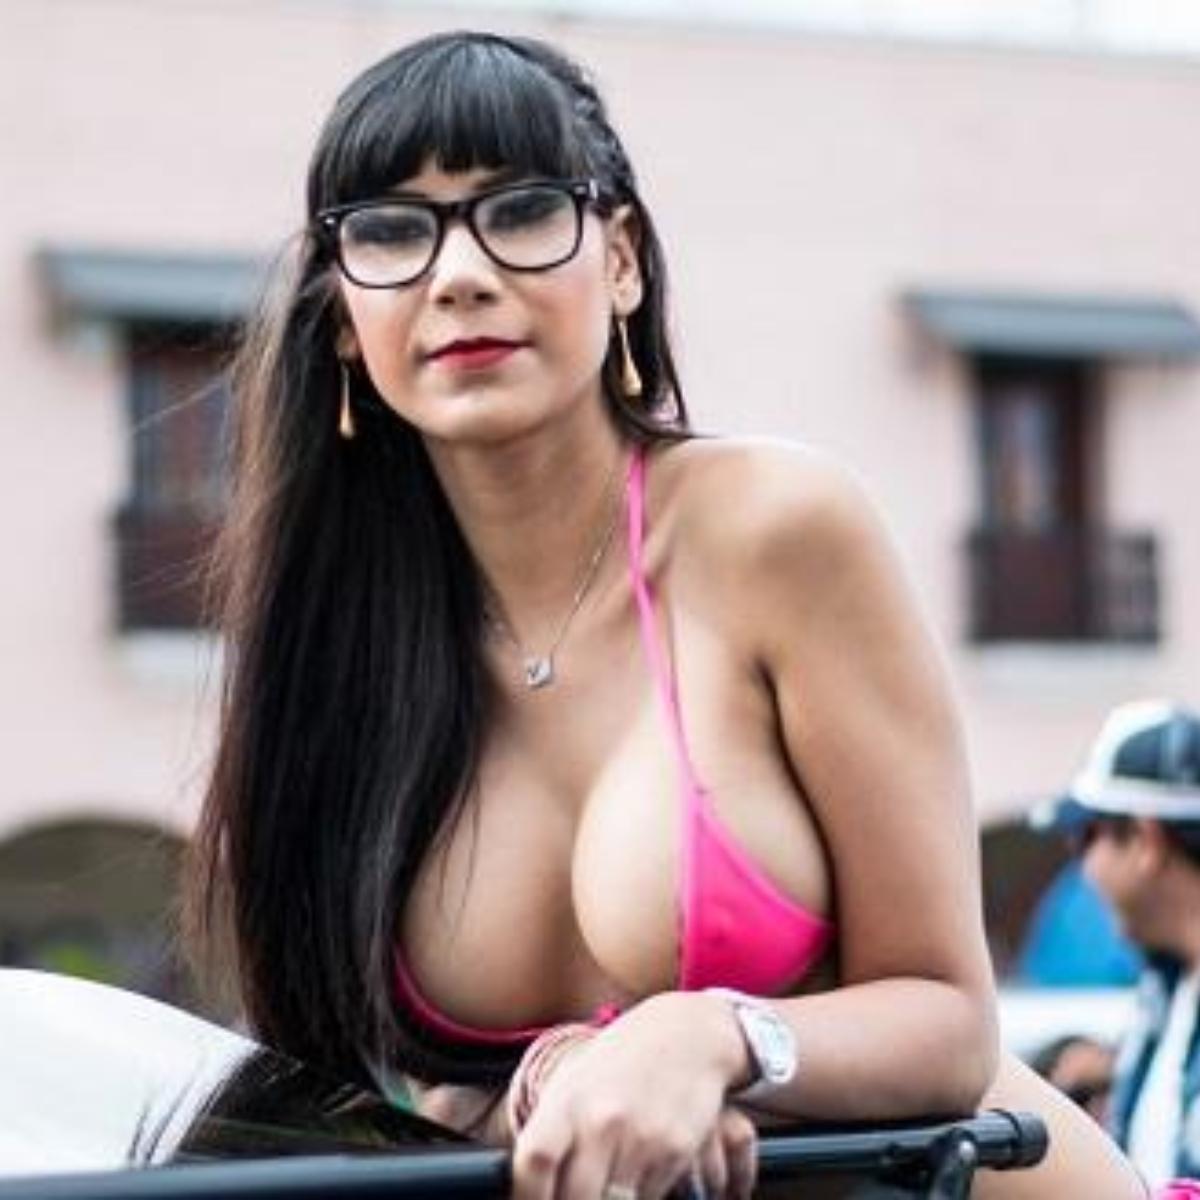 Actrices Porno Subamericanas detienen a actriz porno mexicana por desafiar la censura con